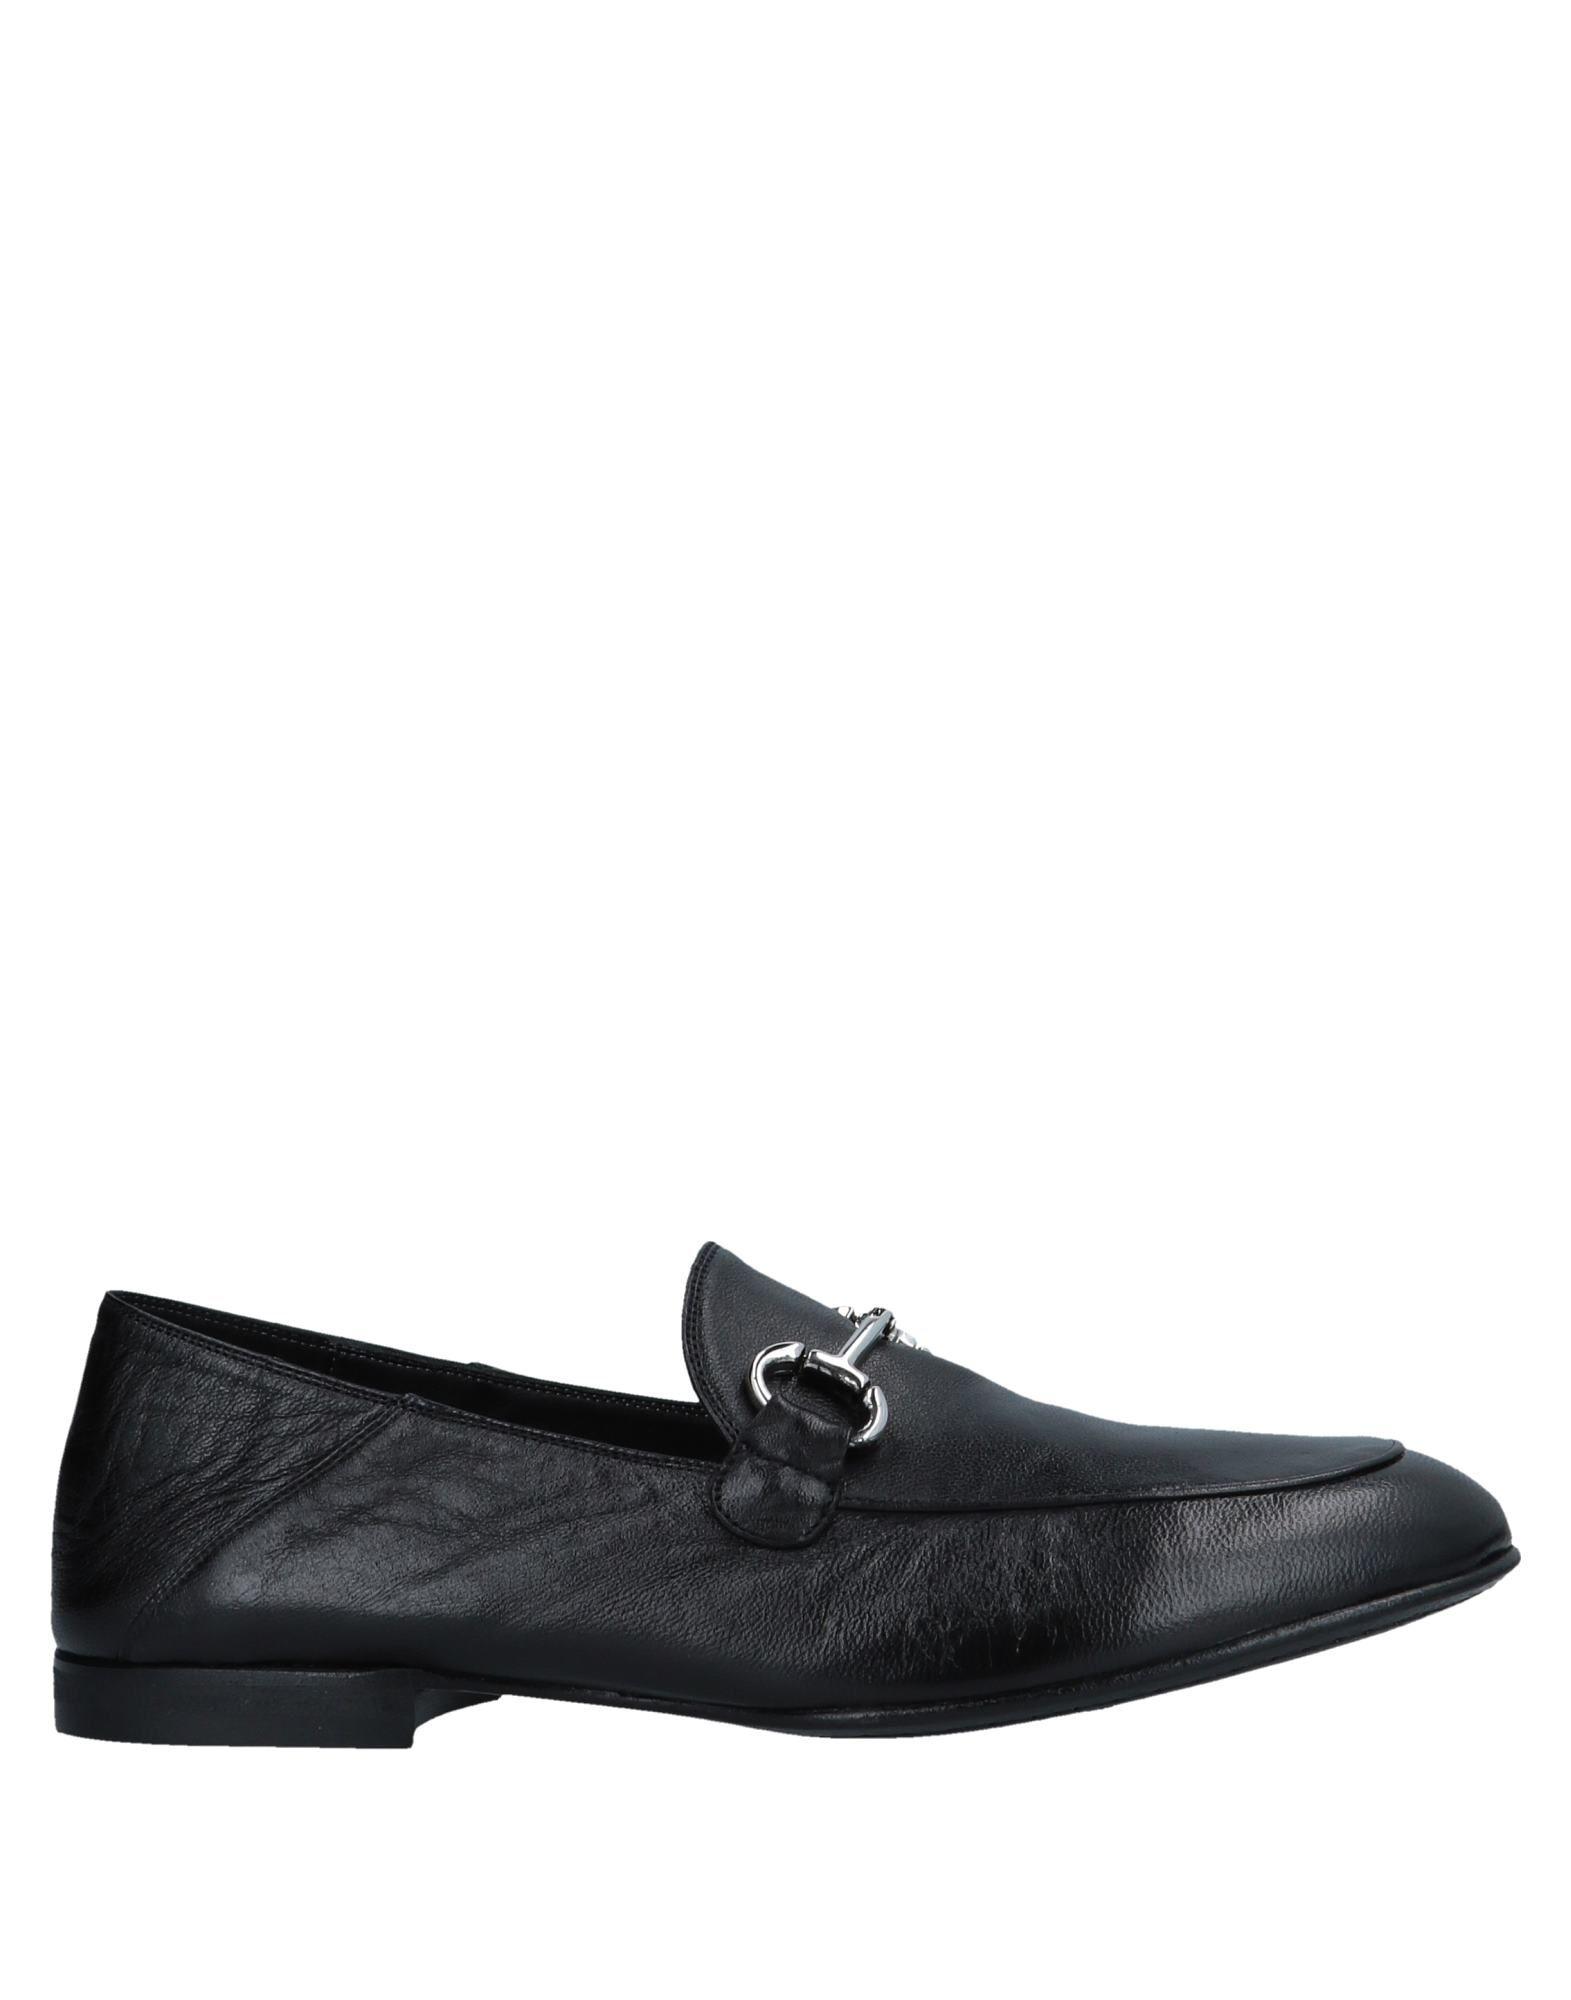 ALEXANDER HOTTO Мокасины alexander hotto оригинальные кожаные кроссовки бренда alexander hotto